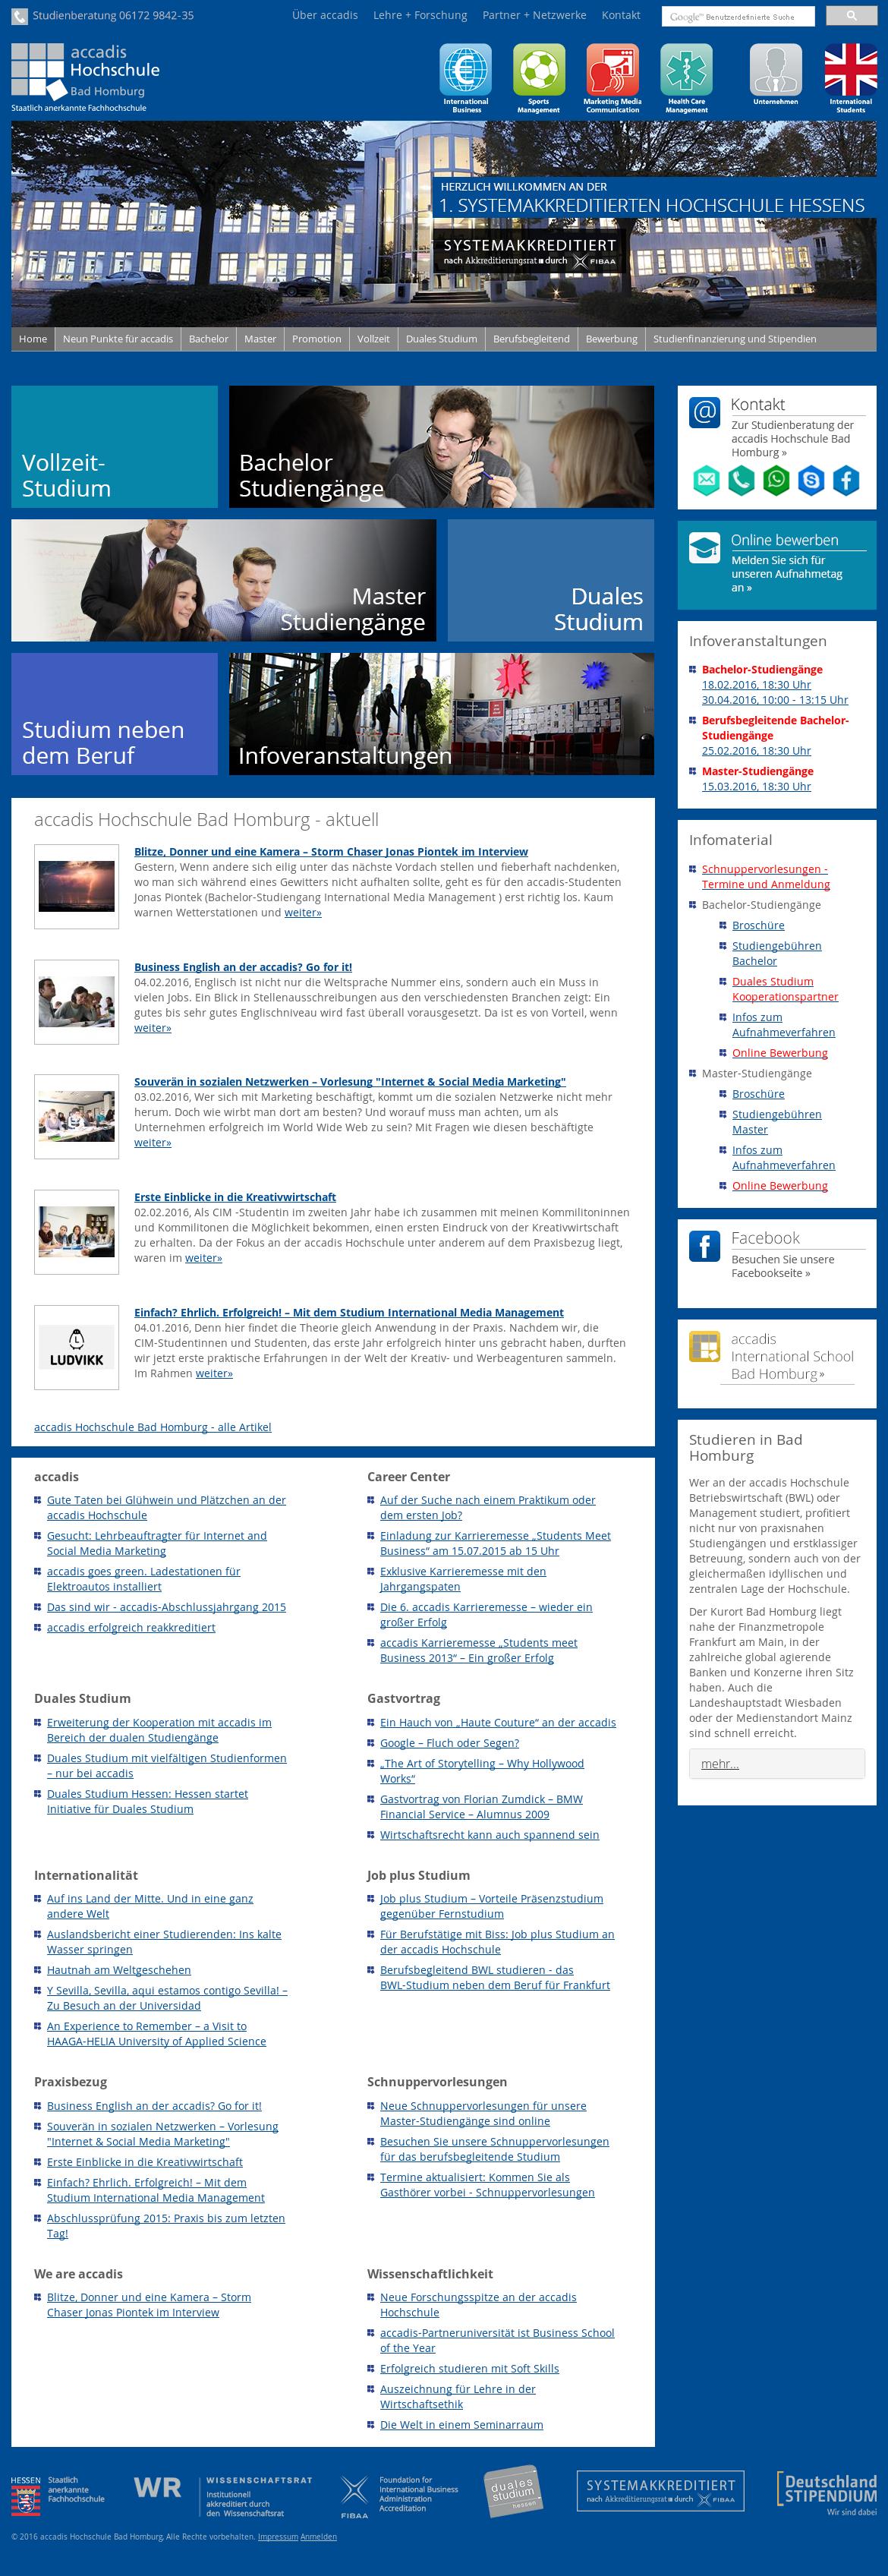 Weihnachtsplätzchen International.Accadis Hochschule Bad Homburg Competitors Revenue And Employees